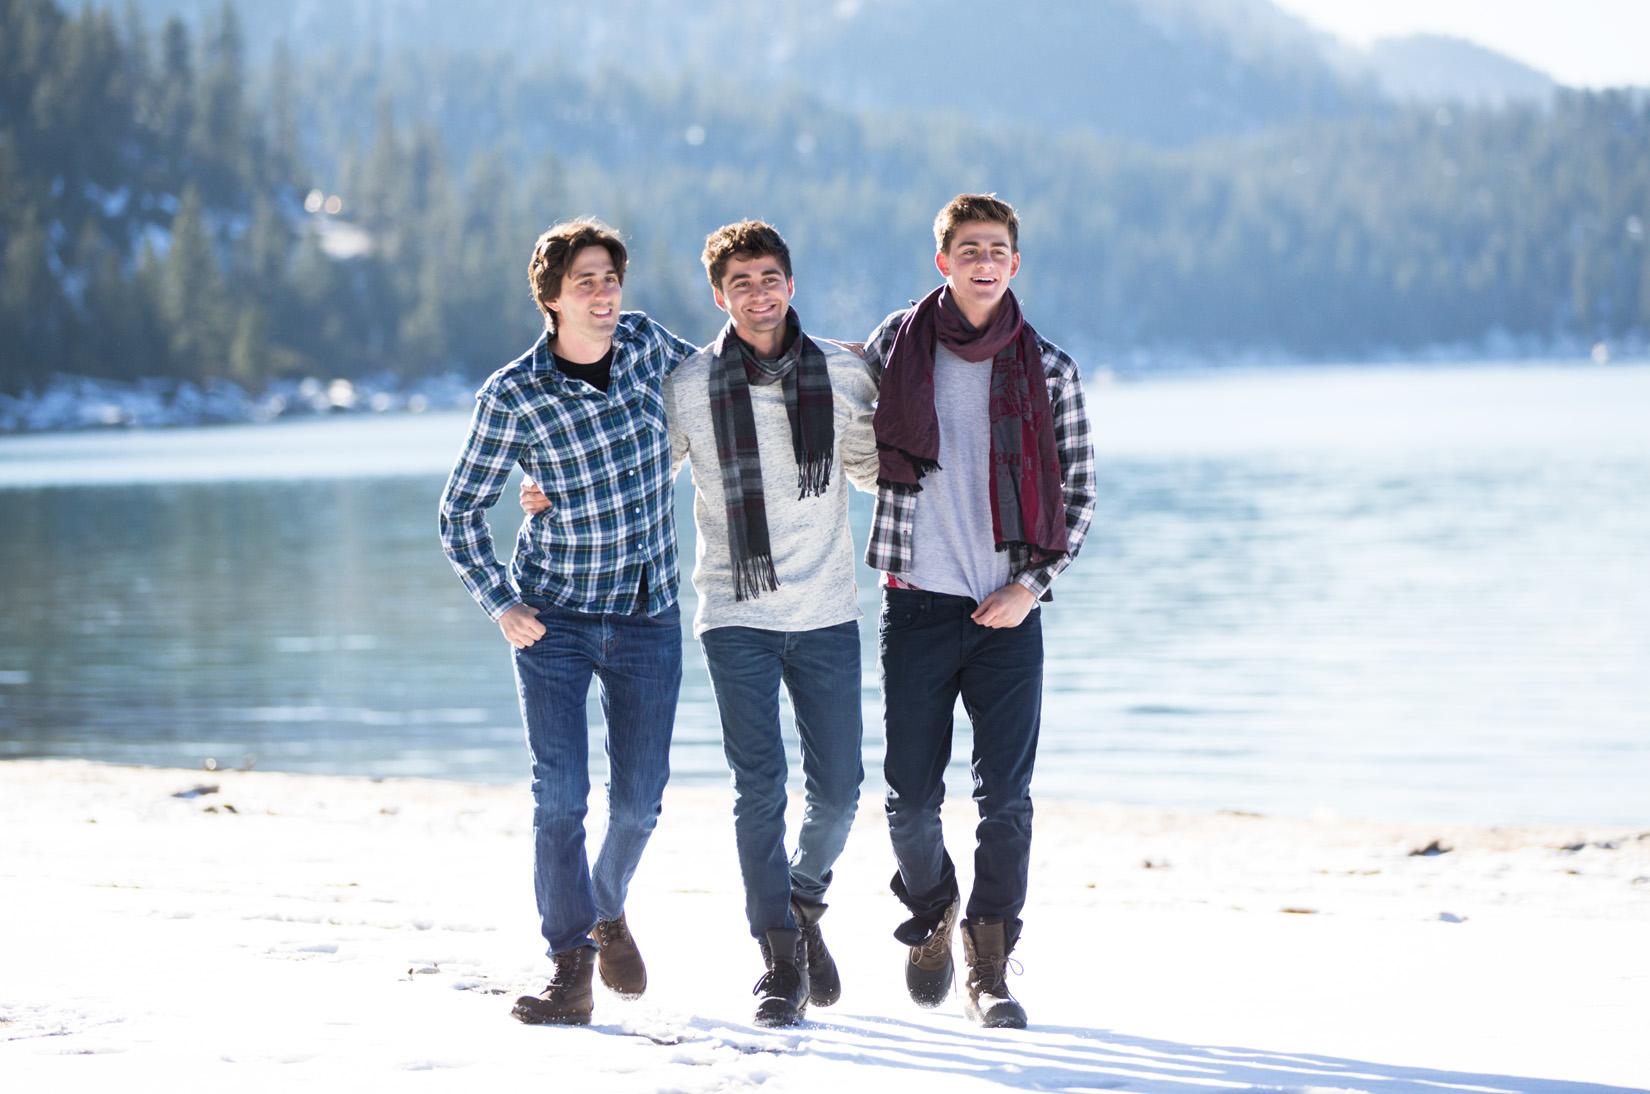 boys-in-winter-